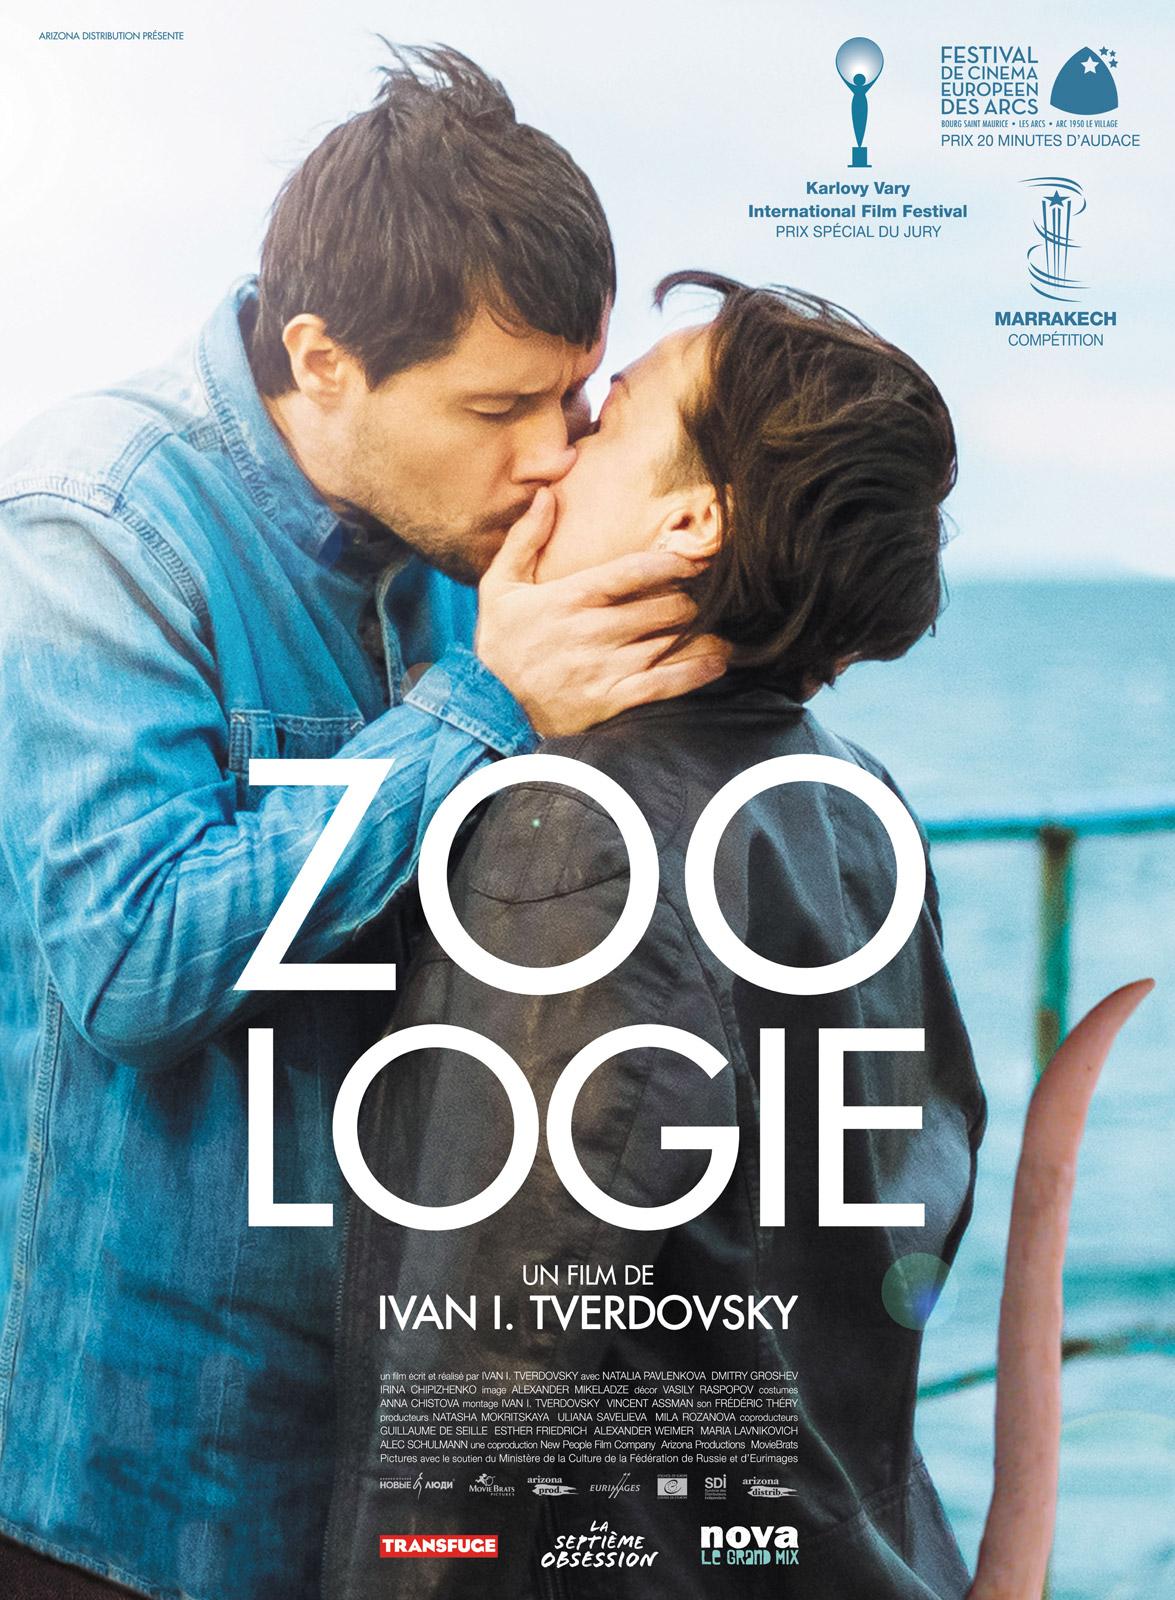 Top Zoologie - film 2016 - AlloCiné IV57